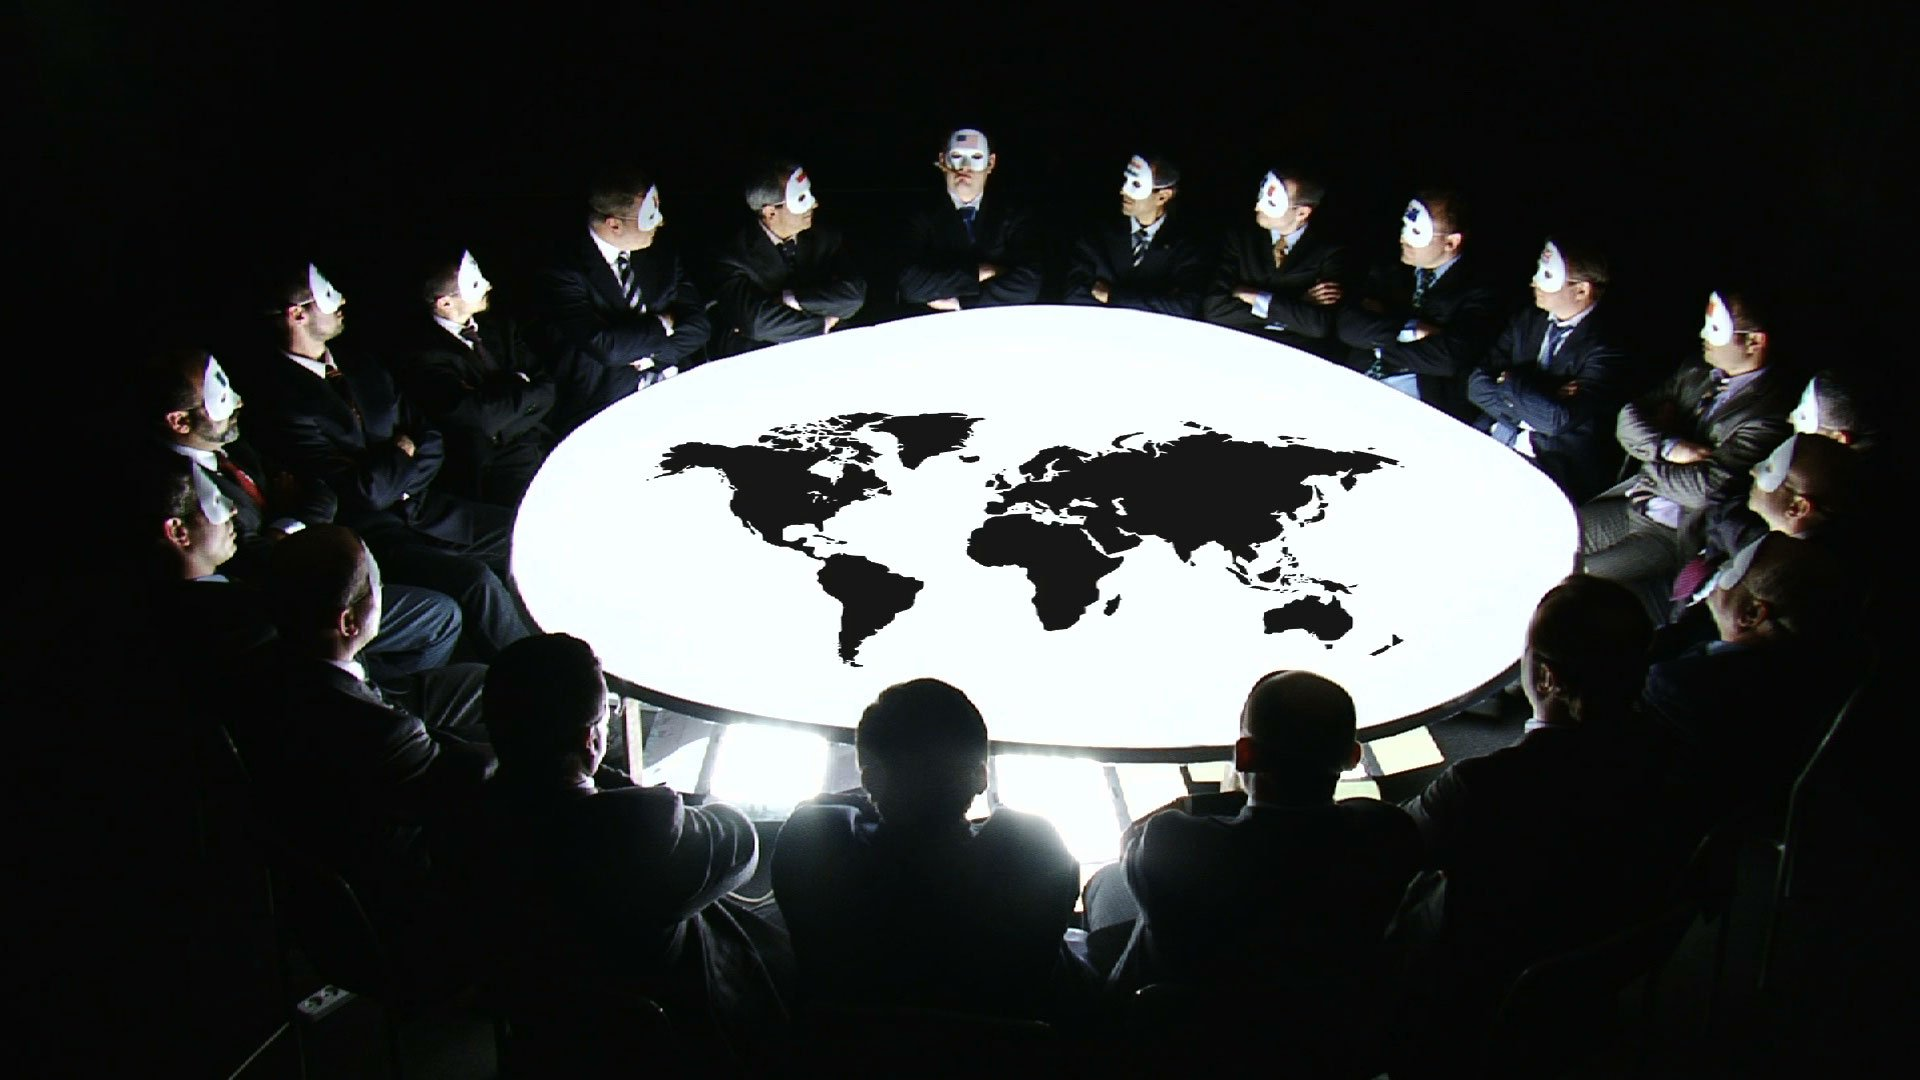 Вероломные узы Фаучи с Китаем и глобалистами